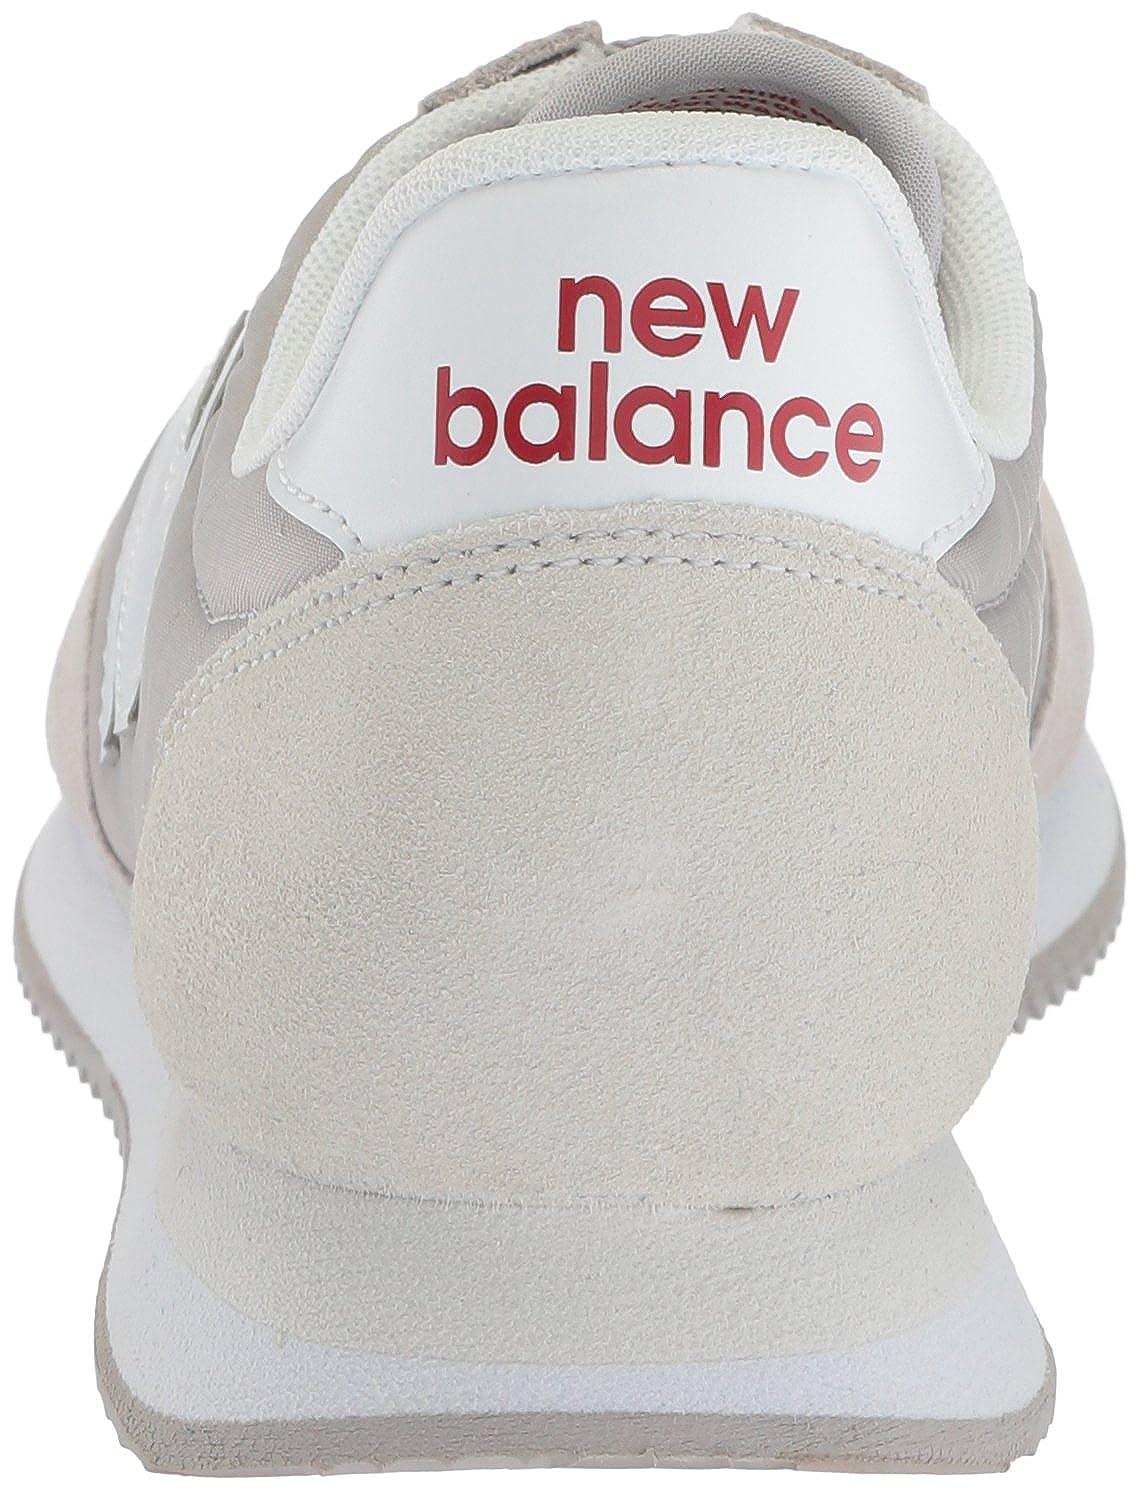 Wl220v1 New Sacs et Chaussures Femme Balance Baskets 4FqnRr5g4